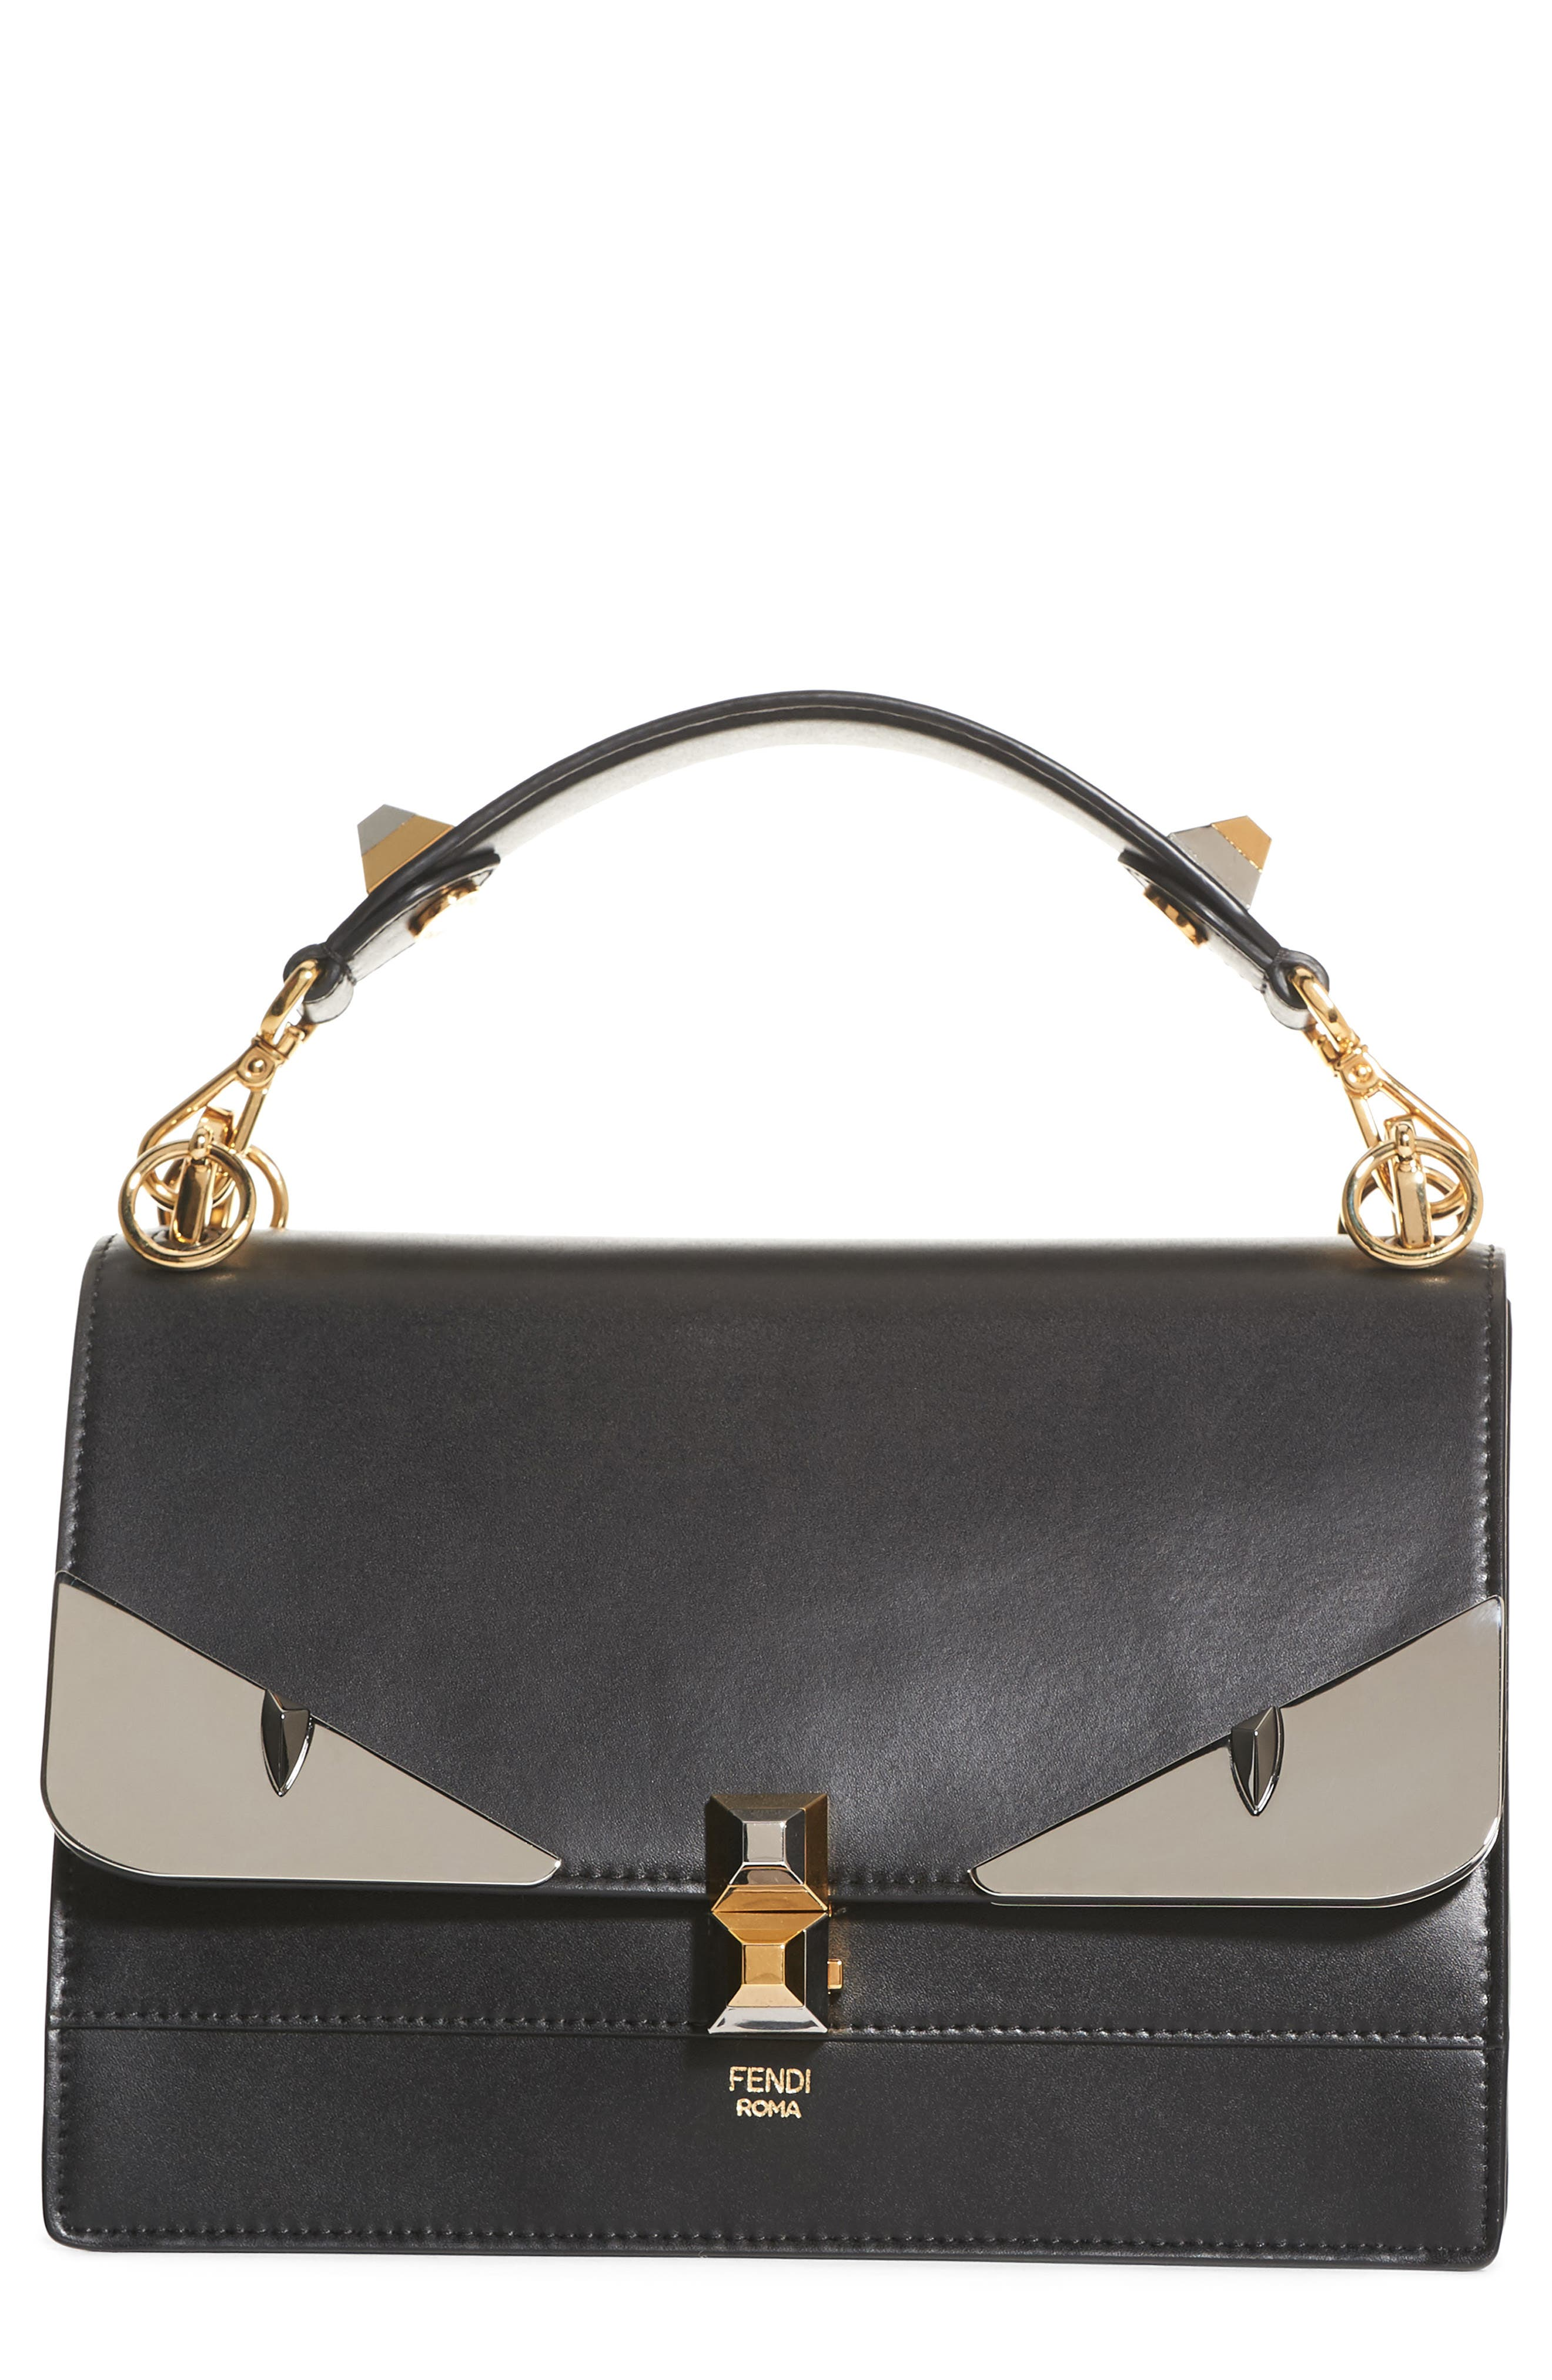 Alternate Image 1 Selected - Fendi Kan I Monster Calfskin Leather Shoulder Bag